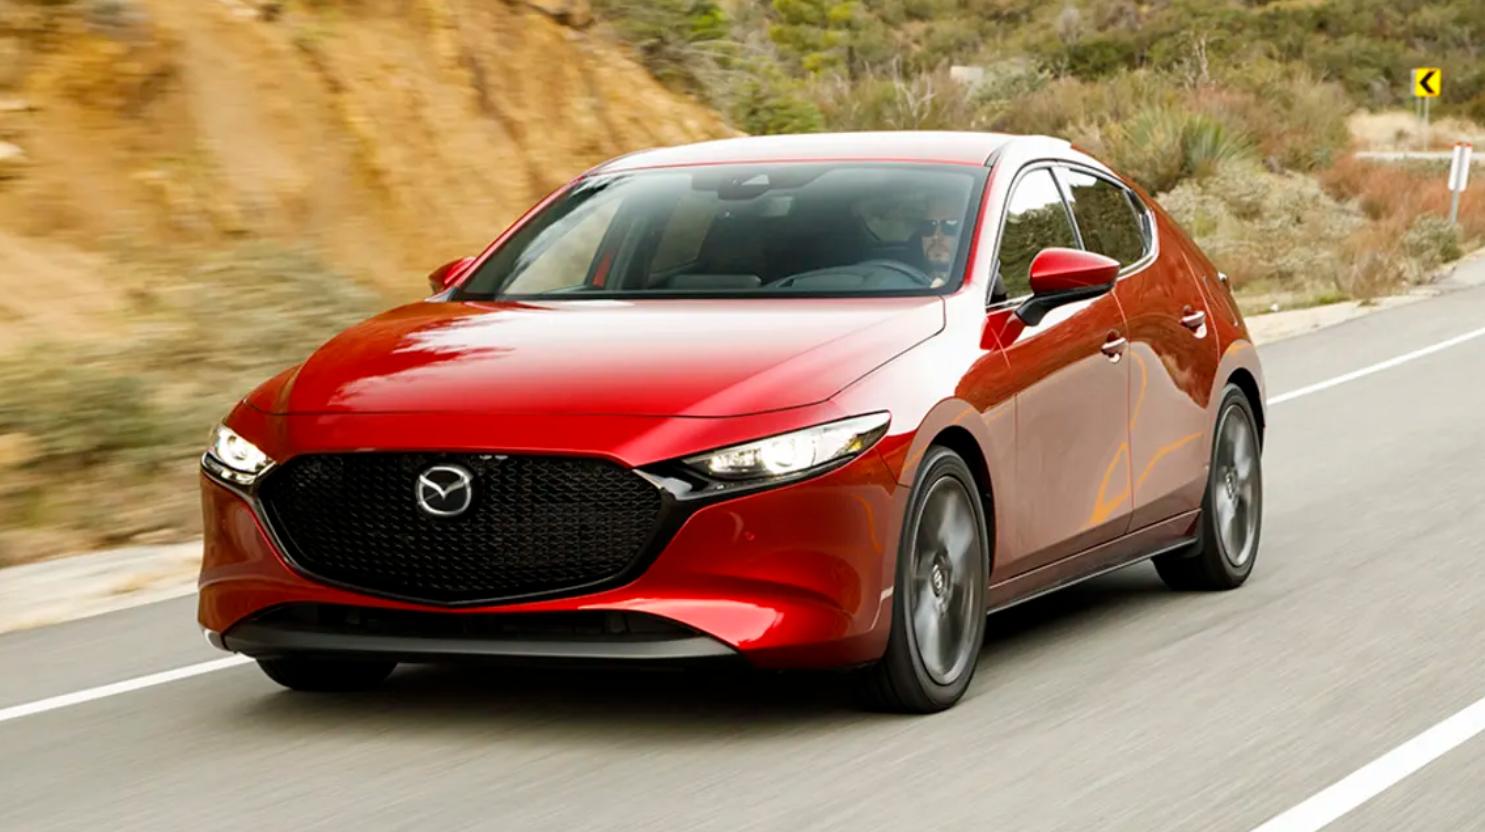 2020 Kia Soul Vs 2019 Mazda3 Hatchback Comparison Mazda Hatchback Best Cars For Teens